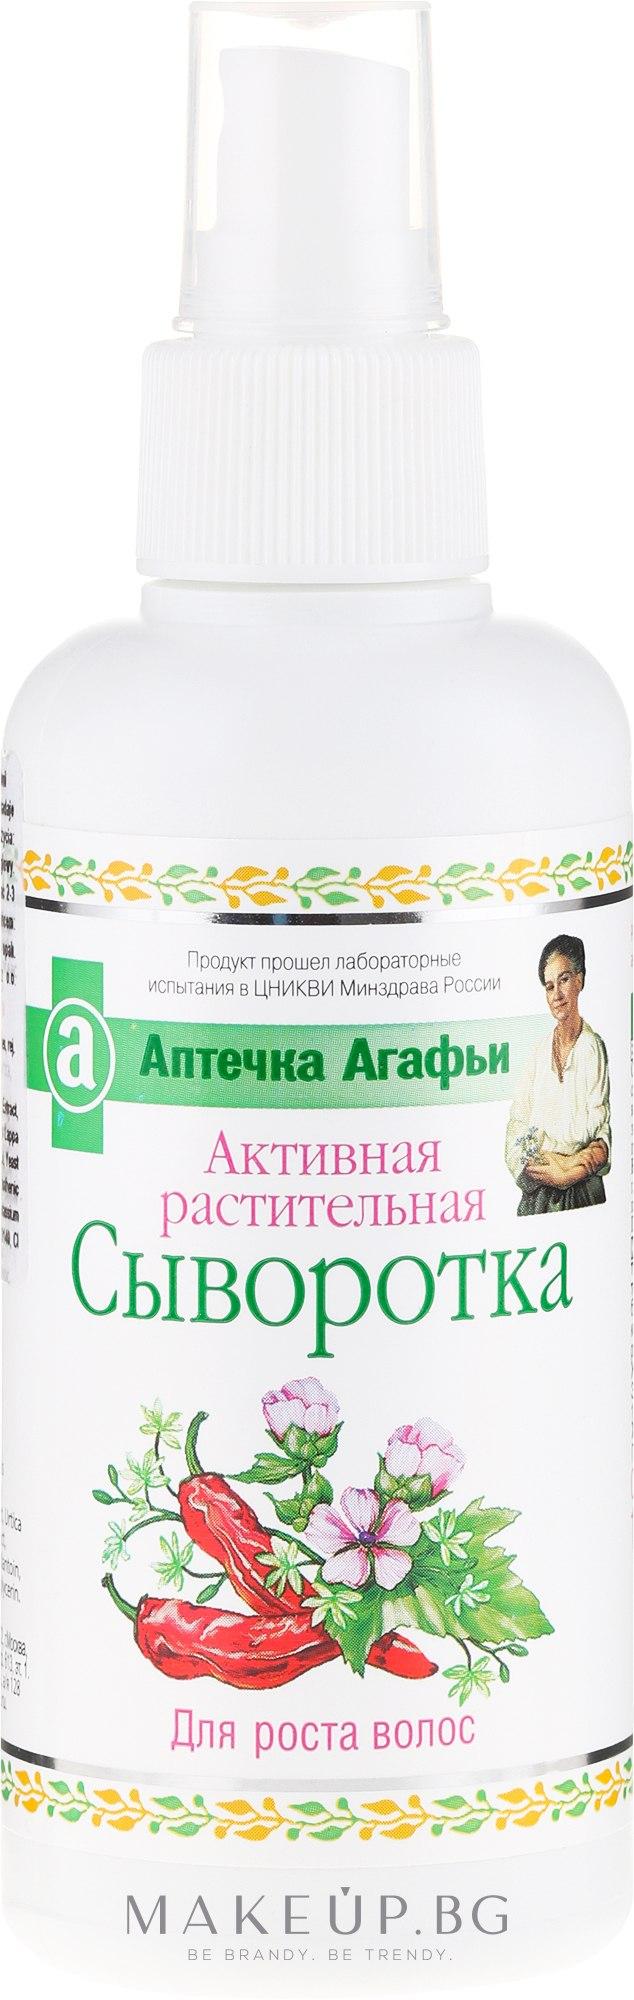 Серум за растеж на косата - Рецептите на баба Агафия  — снимка 150 ml